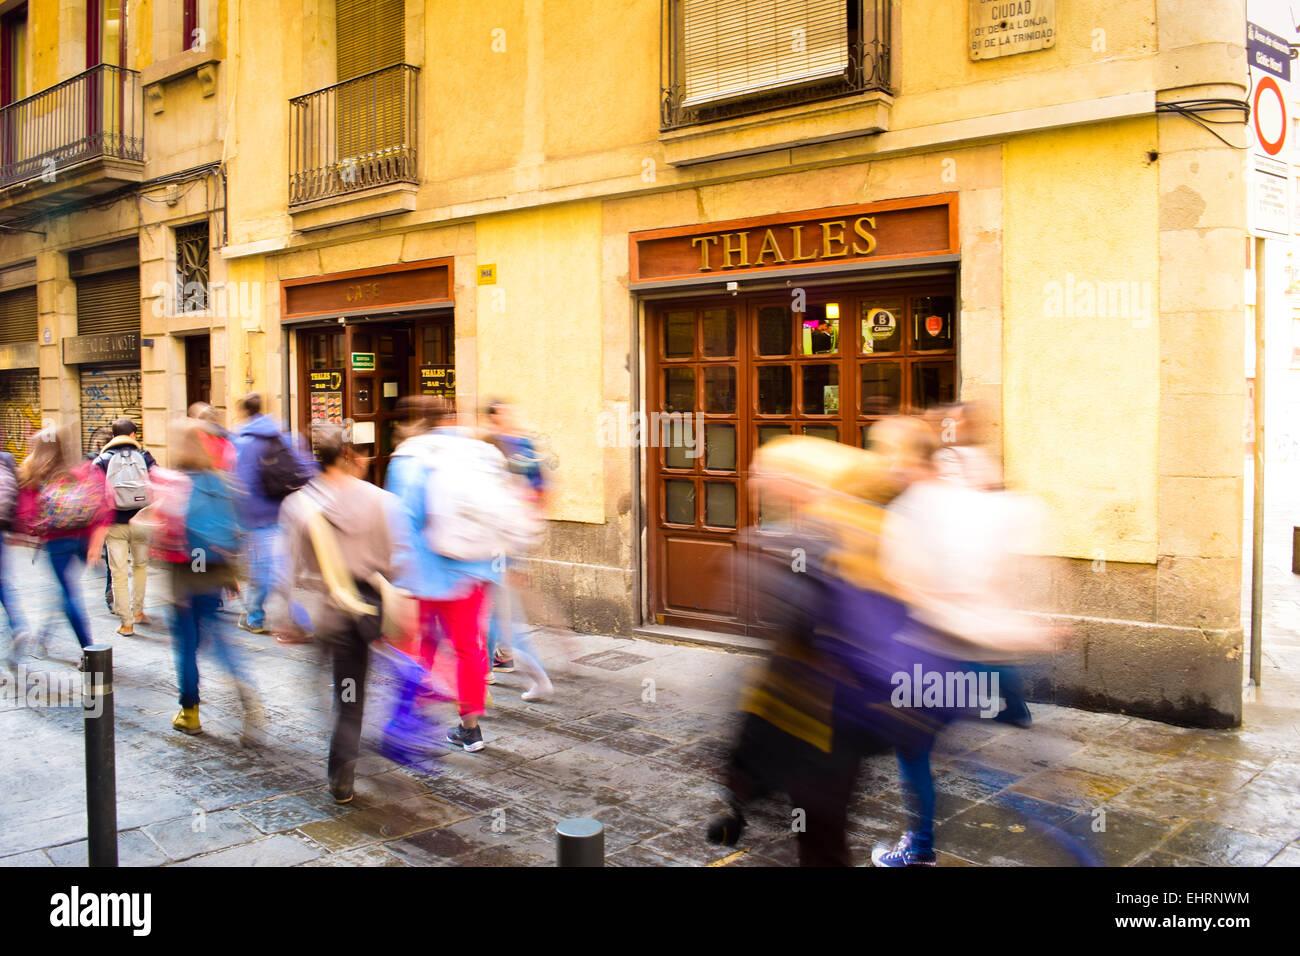 Cafe Thales. Barcelona, Catalonia, Spain. Stock Photo